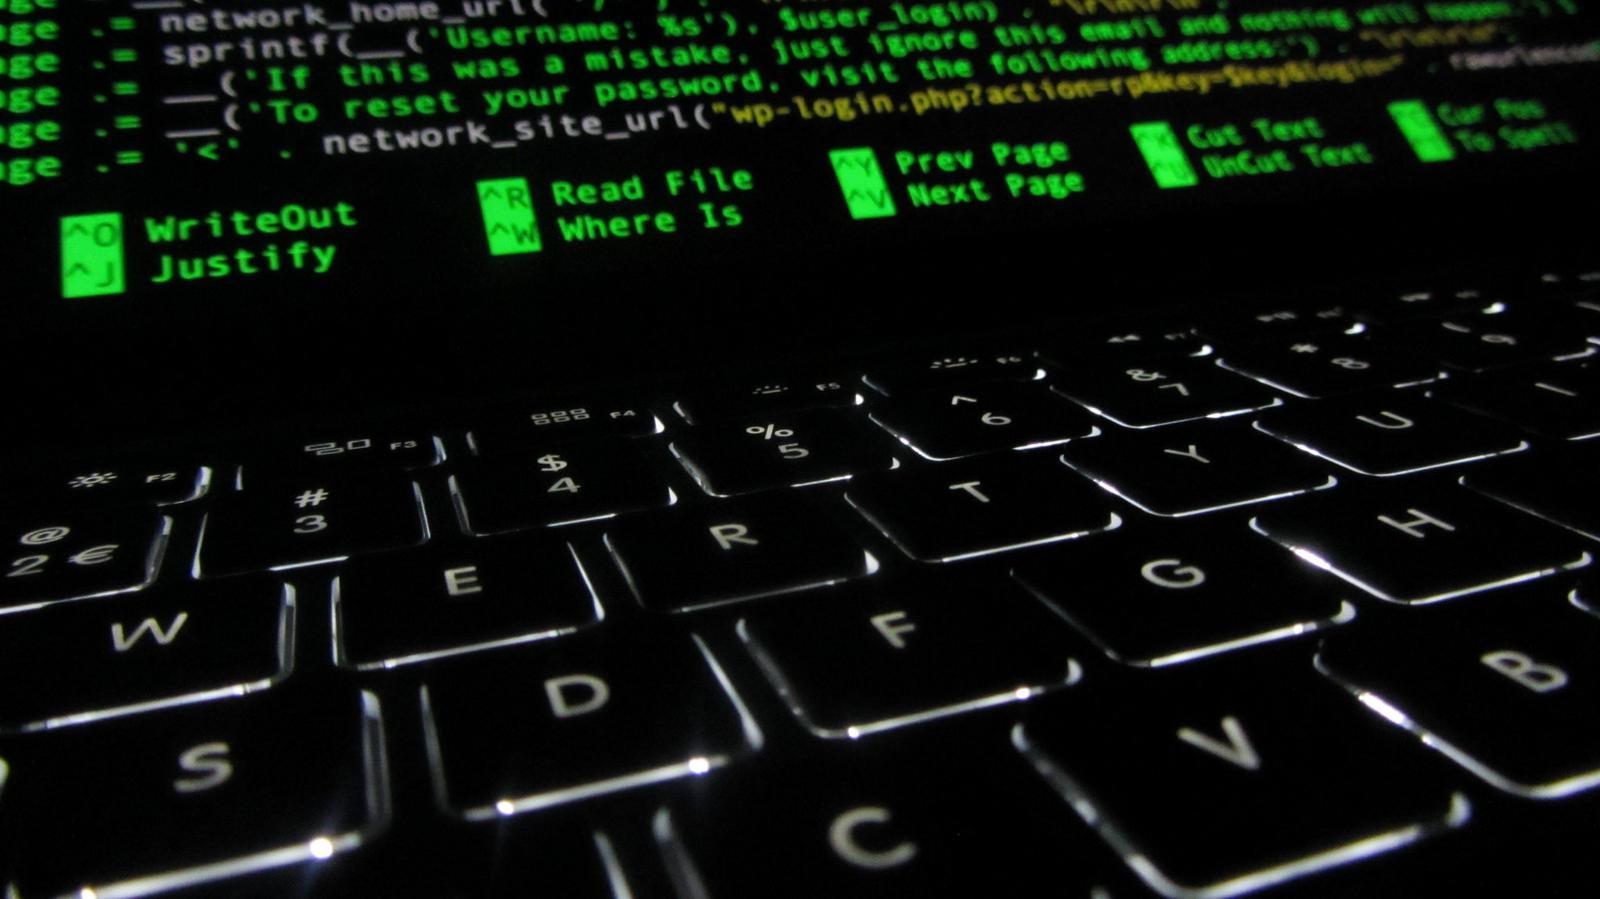 Google tuyên bố sẽ có một bản vá lỗi bảo mật Spectre mà không làm ảnh hưởng đến hiệu năng của máy tính